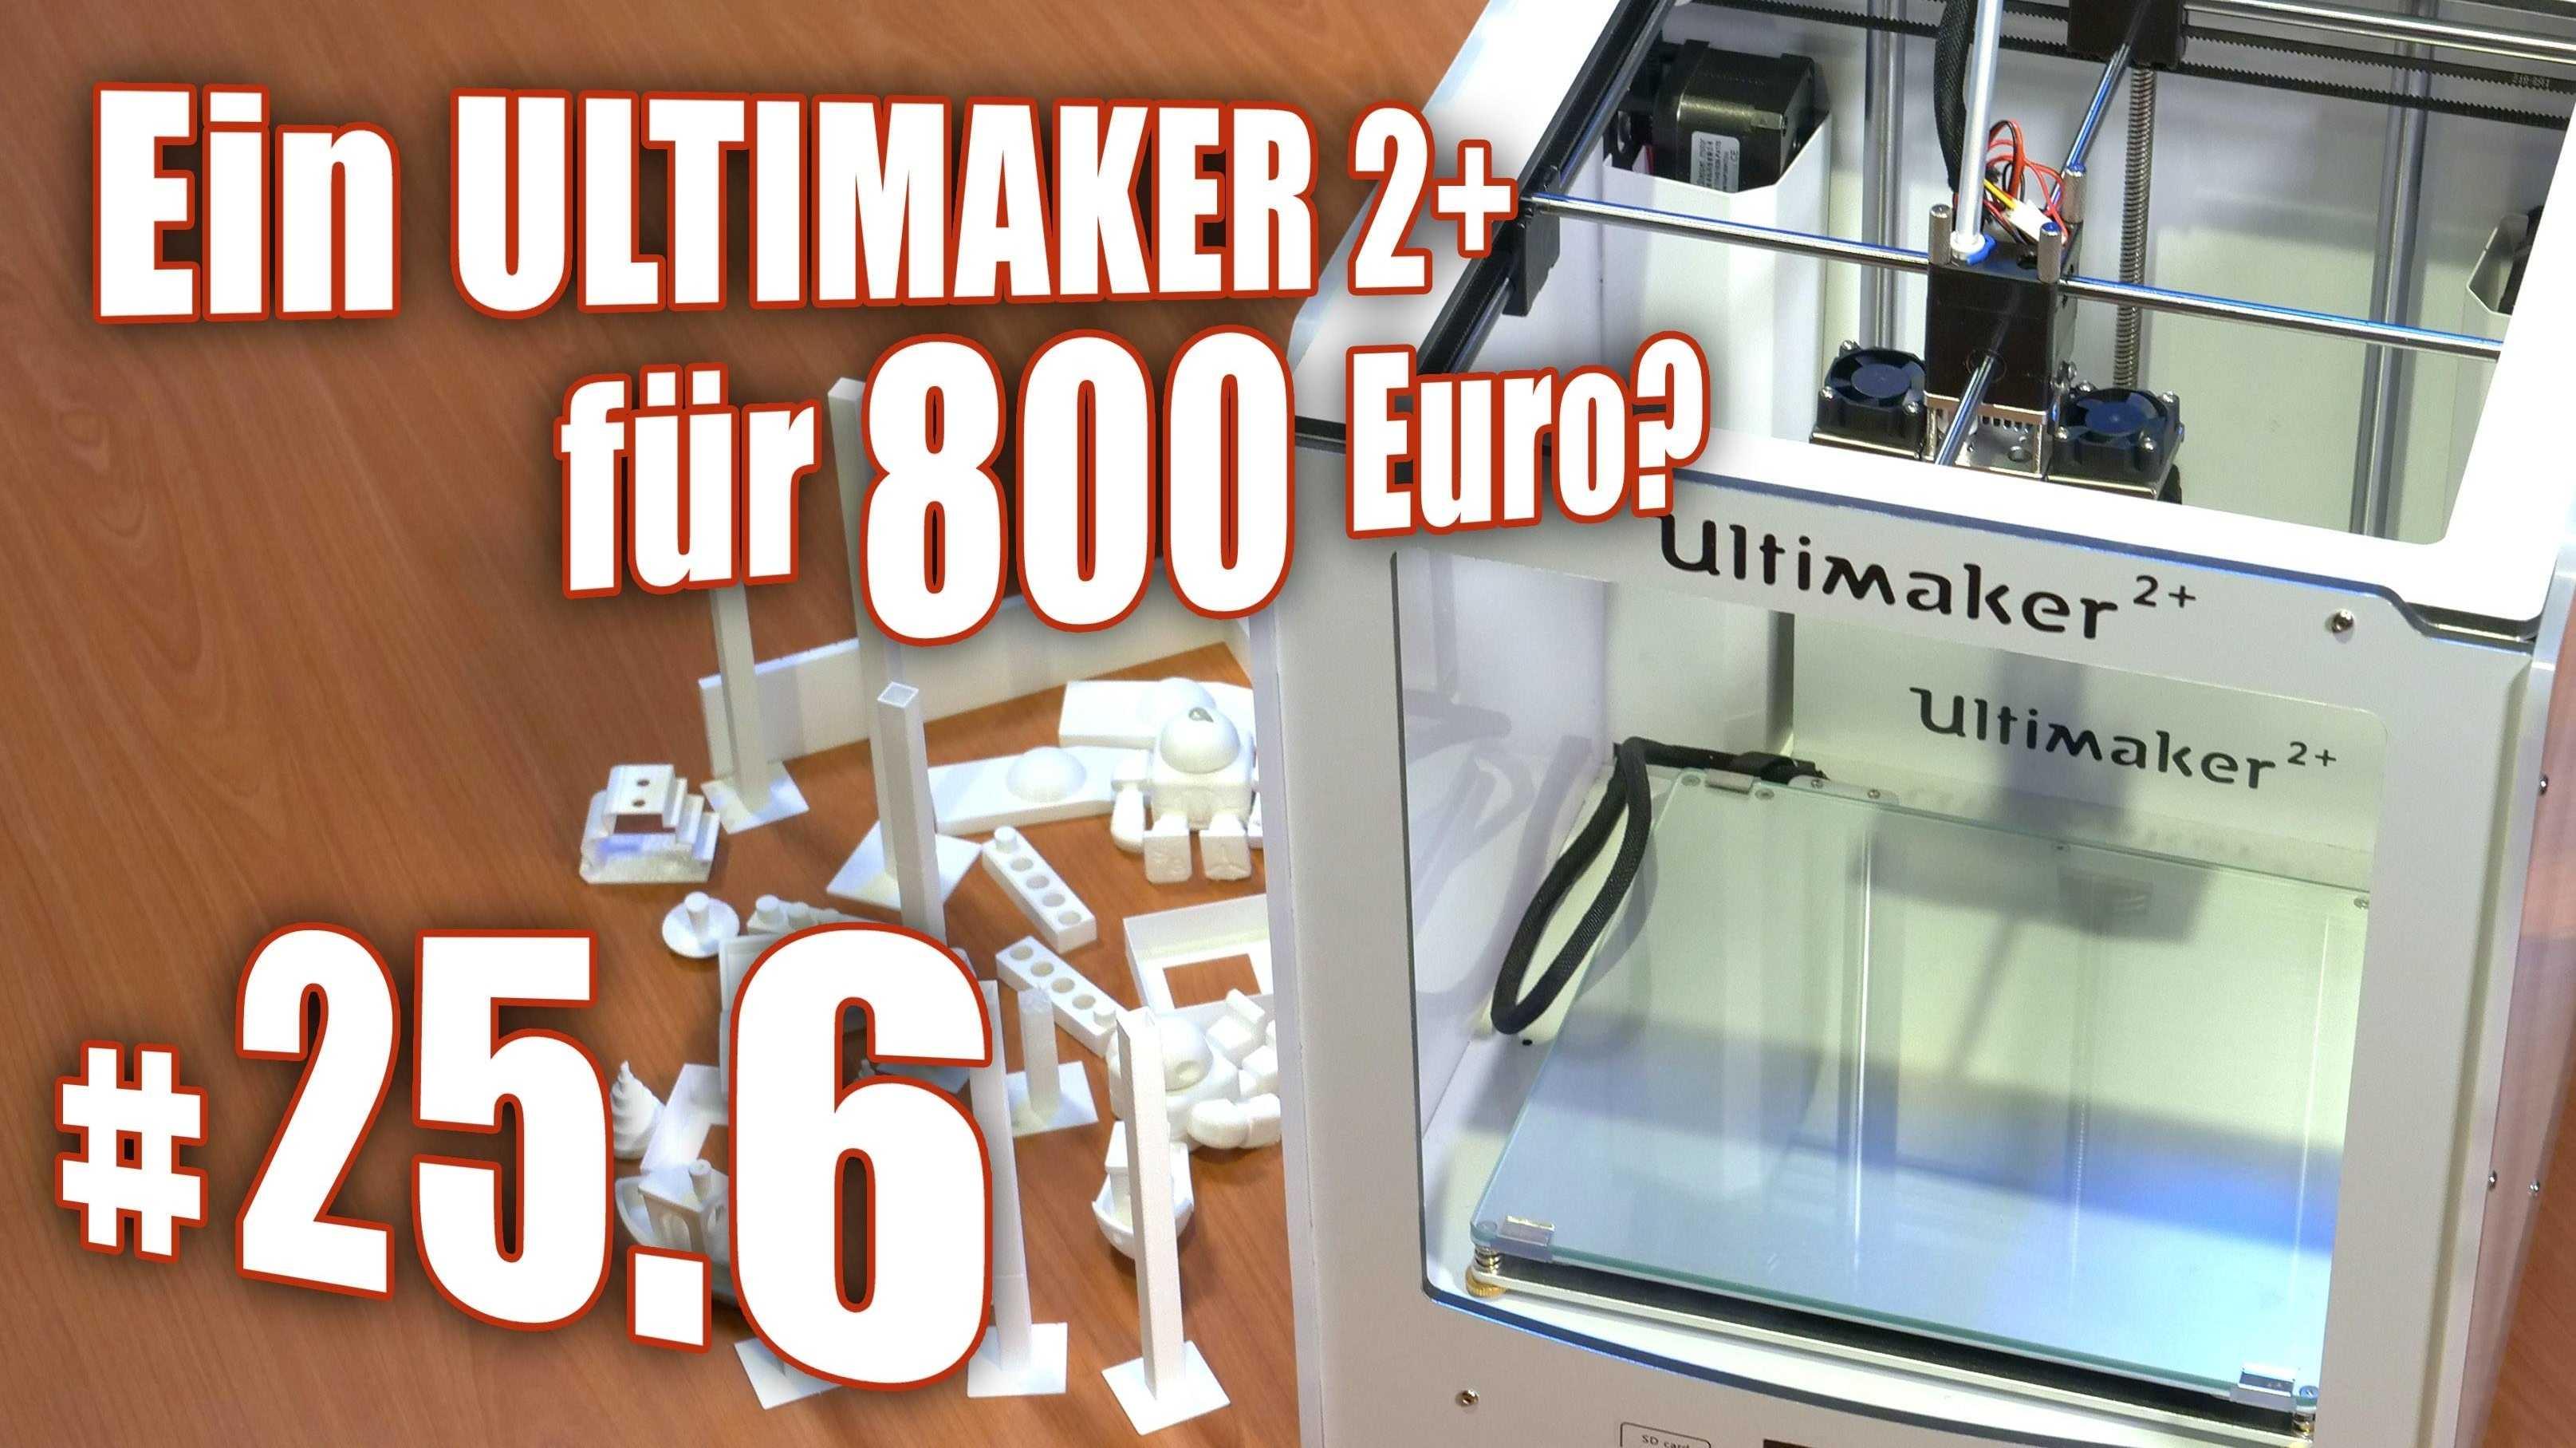 c't uplink 25.6: Neuer Mac Mini, Handy-Wechsel und Ultimaker-Klone